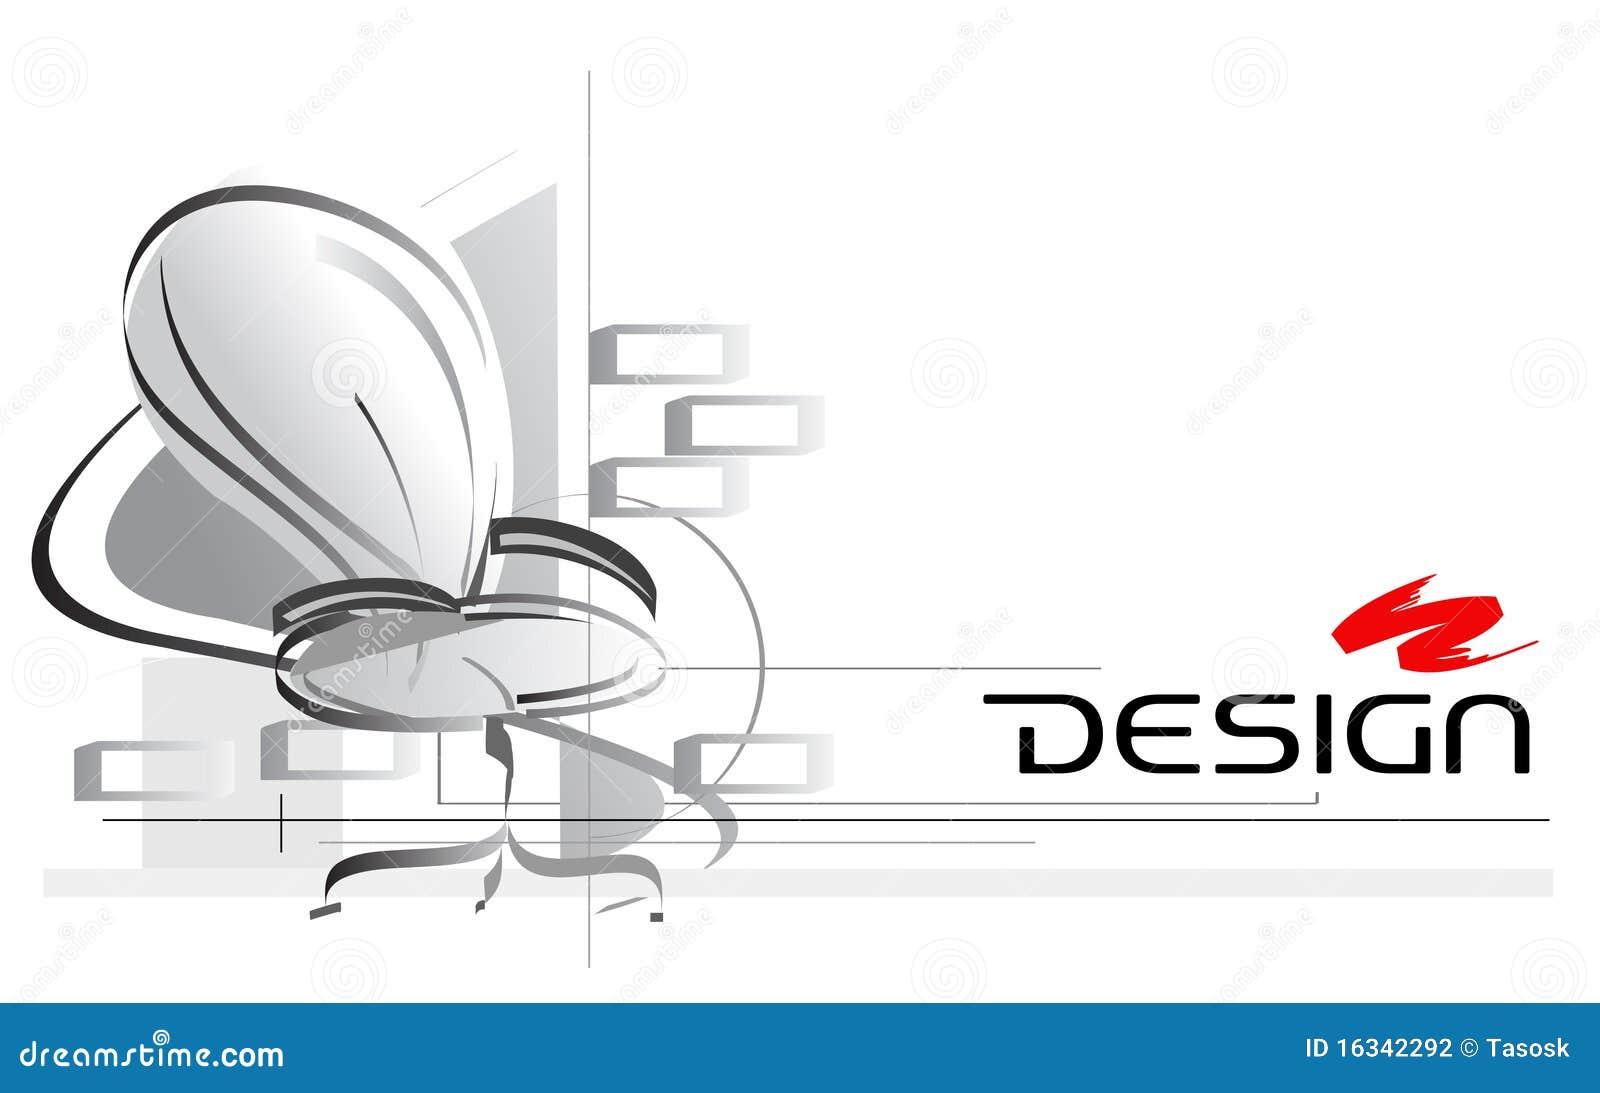 Design Illustration Interior Office Vector